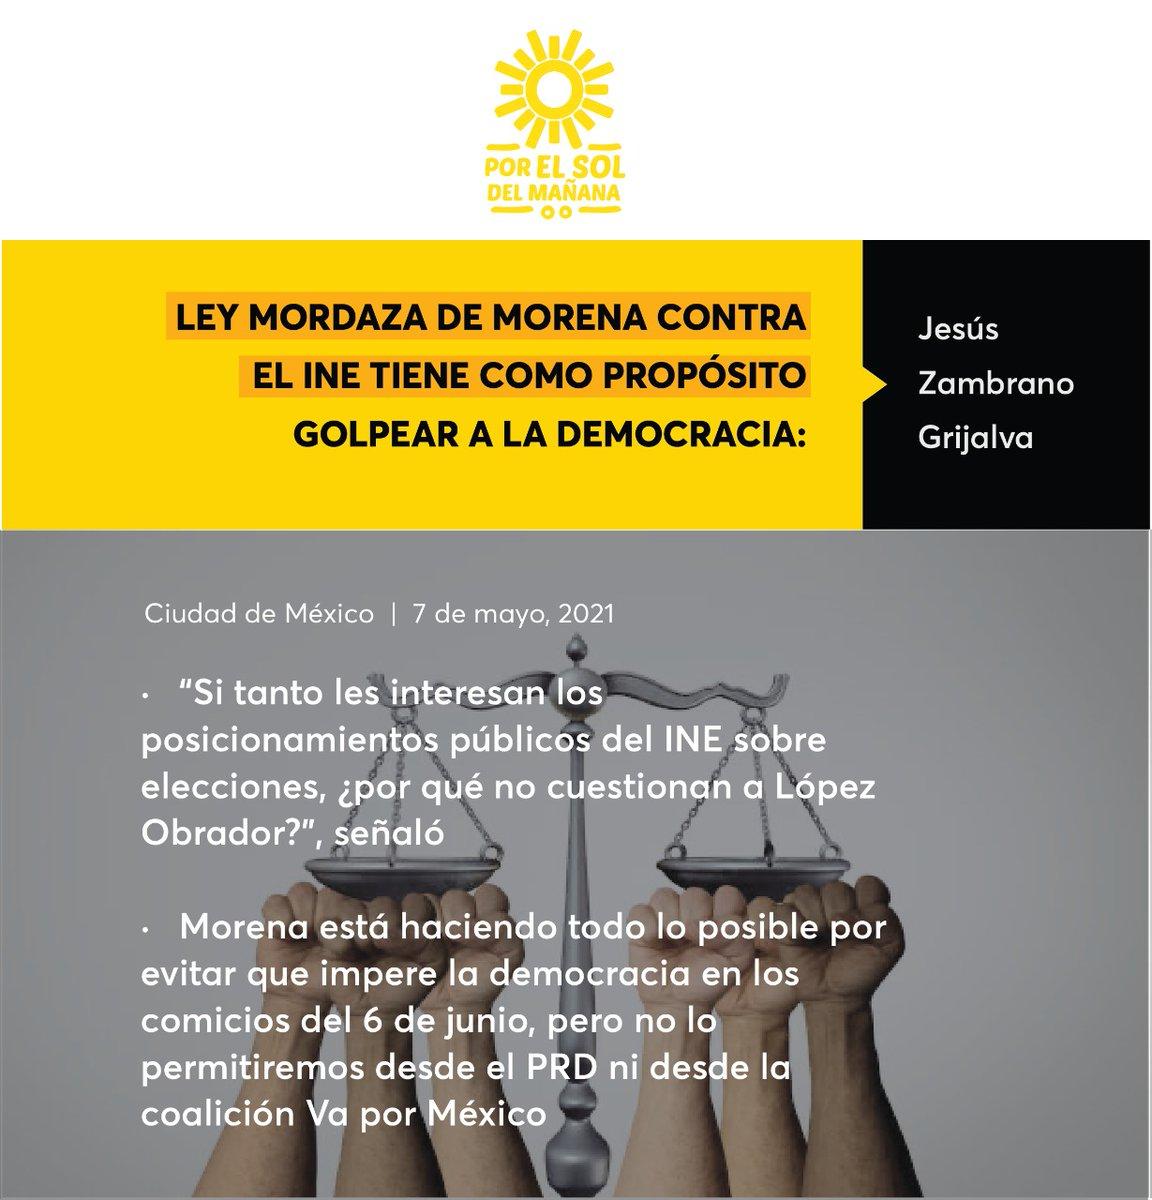 Ley mordaza de Morena contra el INE tiene como propósito golpear a la democracia: @Jesus_ZambranoG   Comunicado 📃🔆➡️ https://t.co/gnw2b1DQKj https://t.co/AsRsxIHjWb